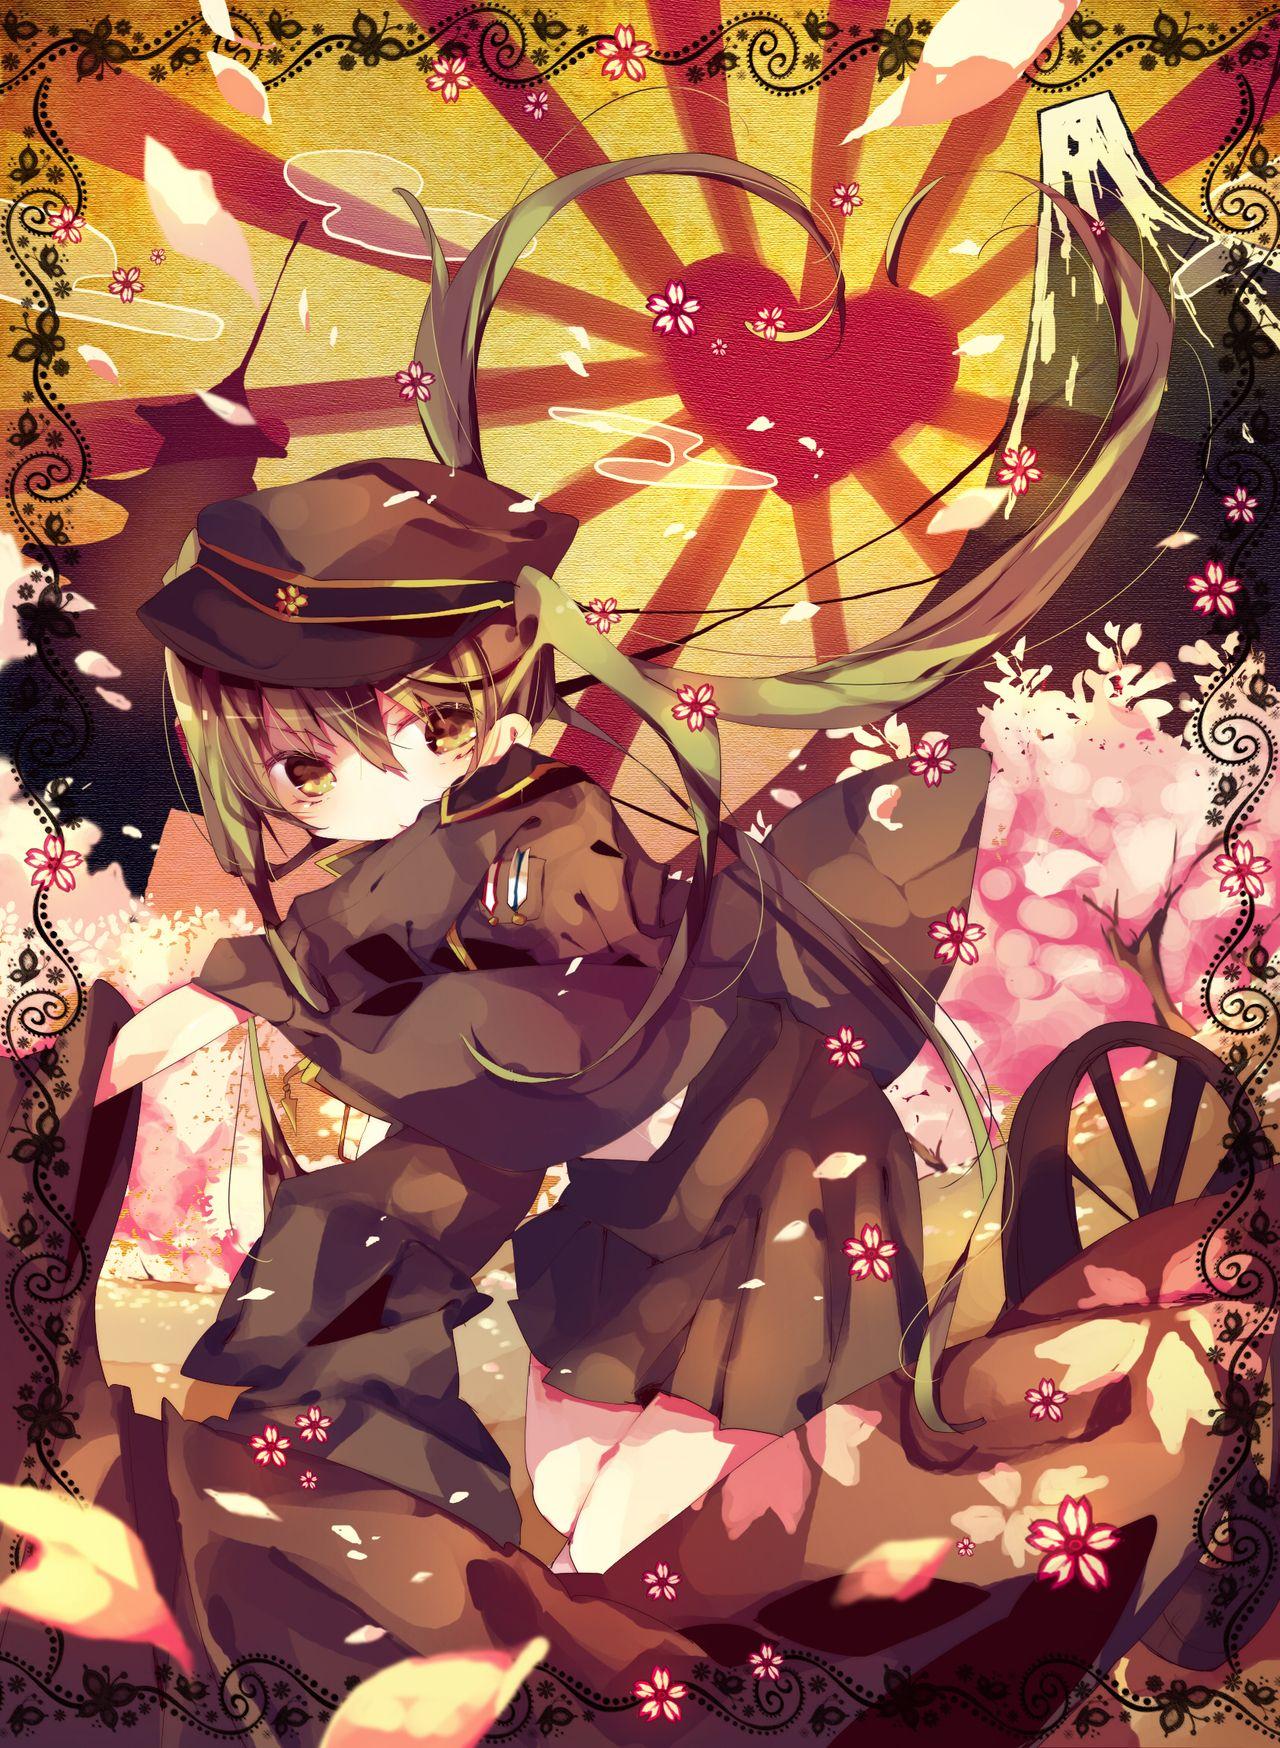 千本桜 Tumblr 千本桜をこよなく愛す画像壁紙 イラストまとめ